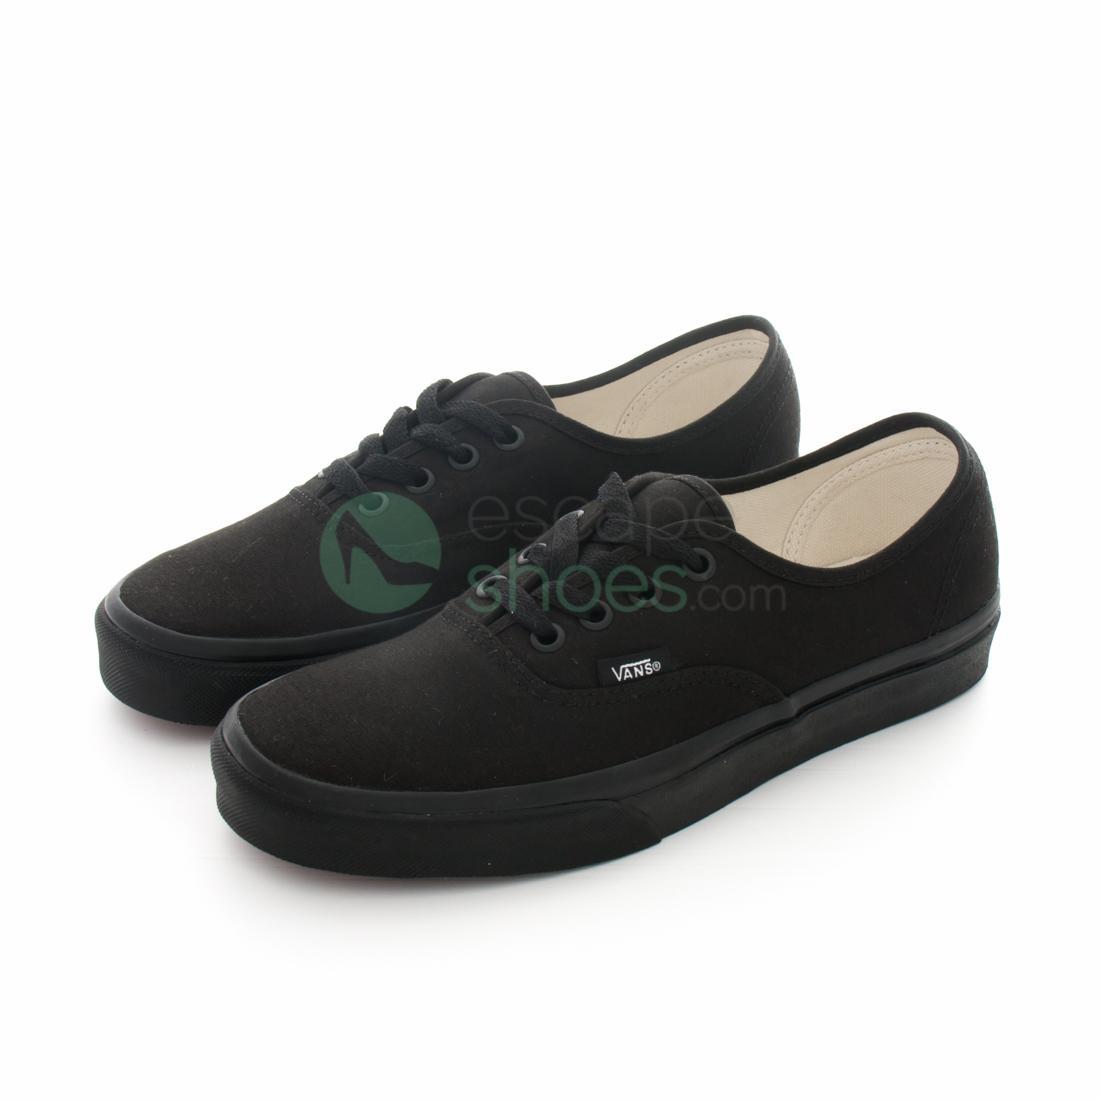 wiele stylów zawsze popularny informacje dla Sneakers VANS VEE3BKA Authentic Black on Black